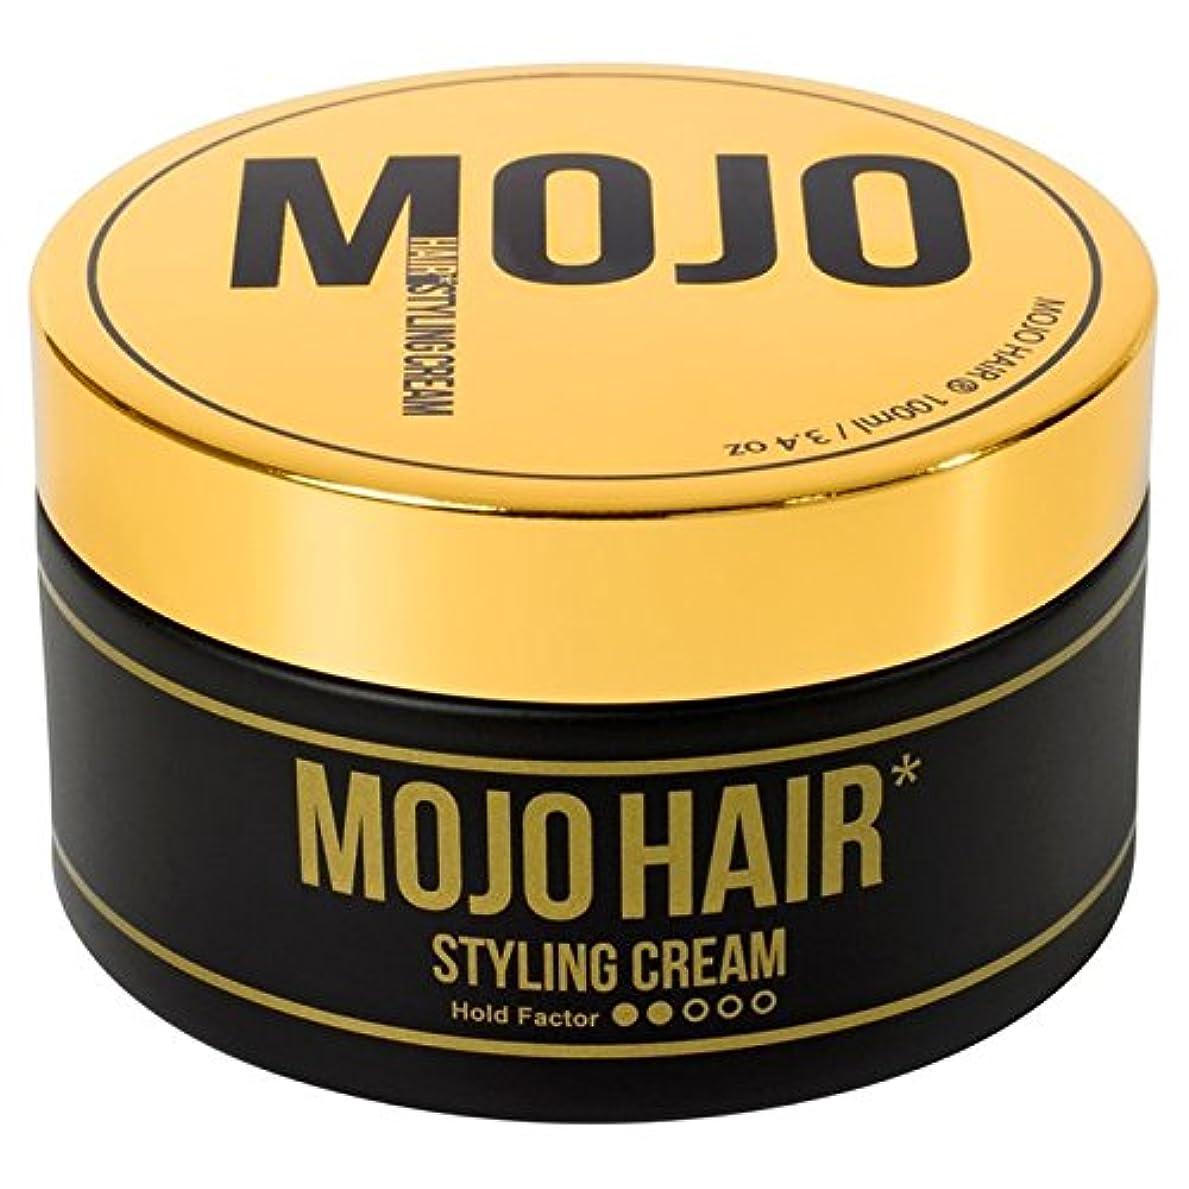 感性不平を言うエンジン100ミリリットル男性のためのモジョのヘアスタイリングクリーム x2 - MOJO HAIR Styling Cream for Men 100ml (Pack of 2) [並行輸入品]